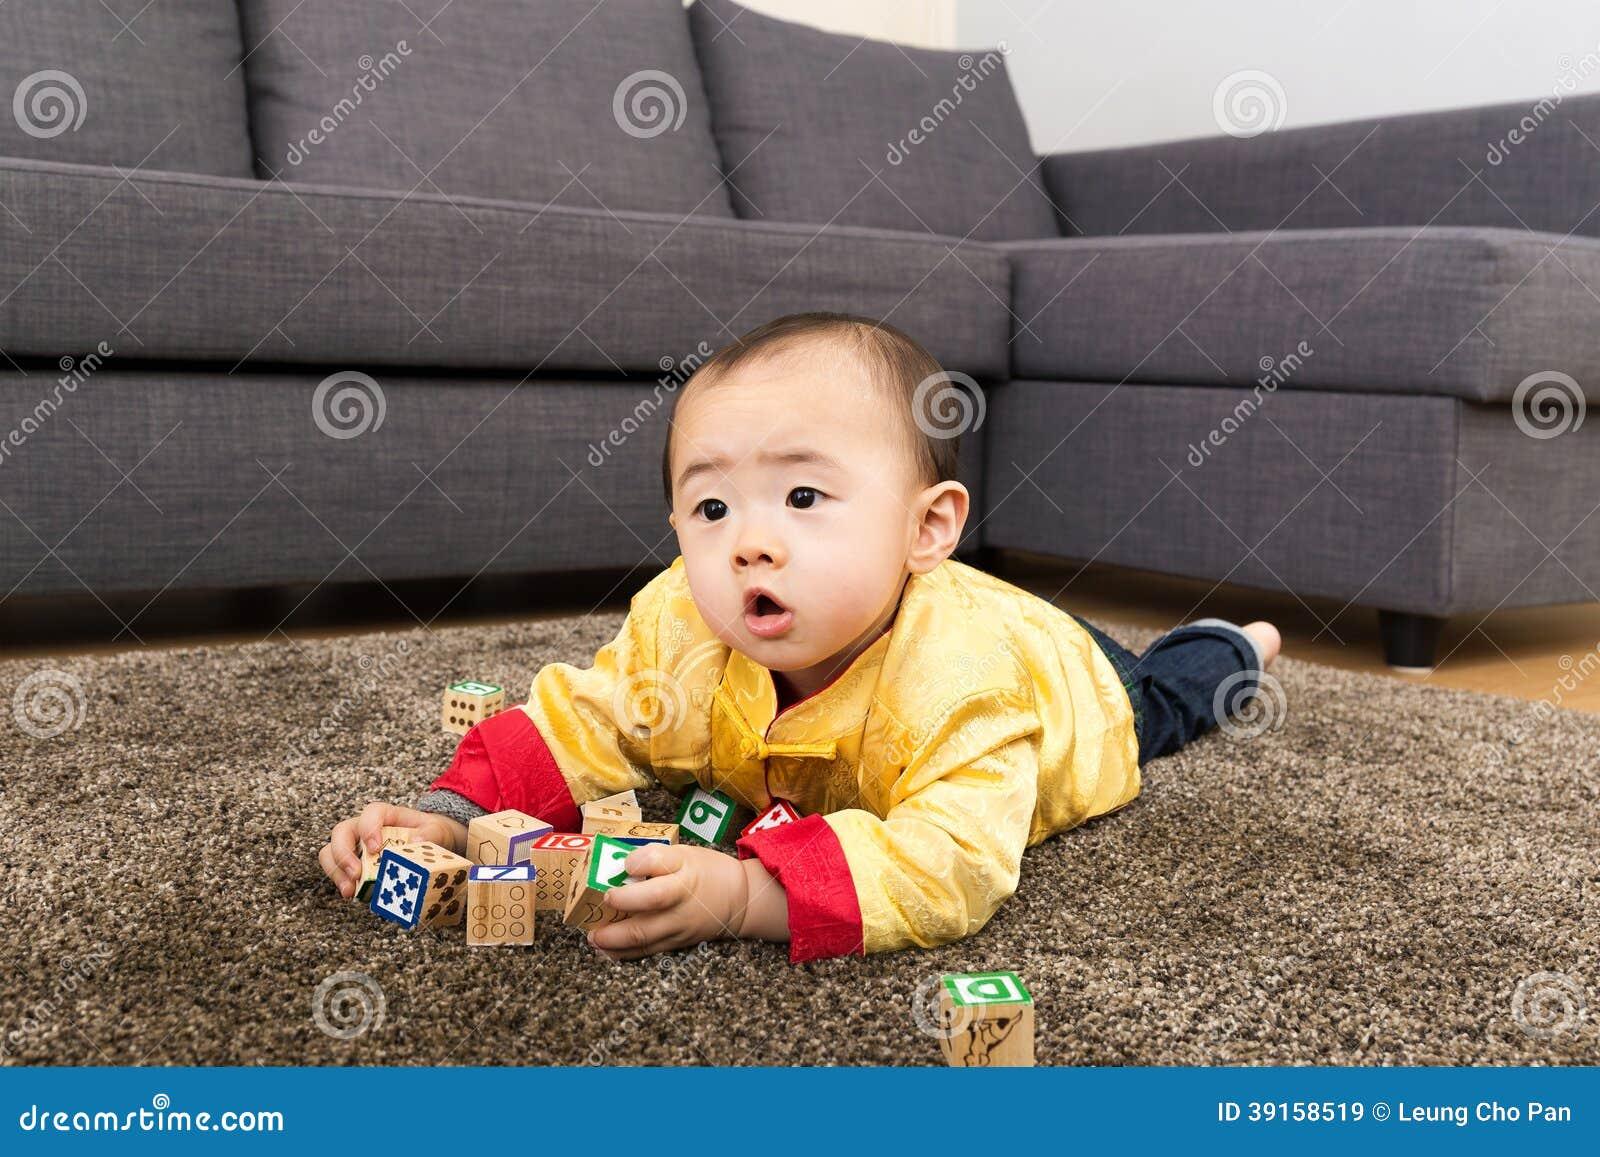 Bloque chino del juguete del juego del bebé